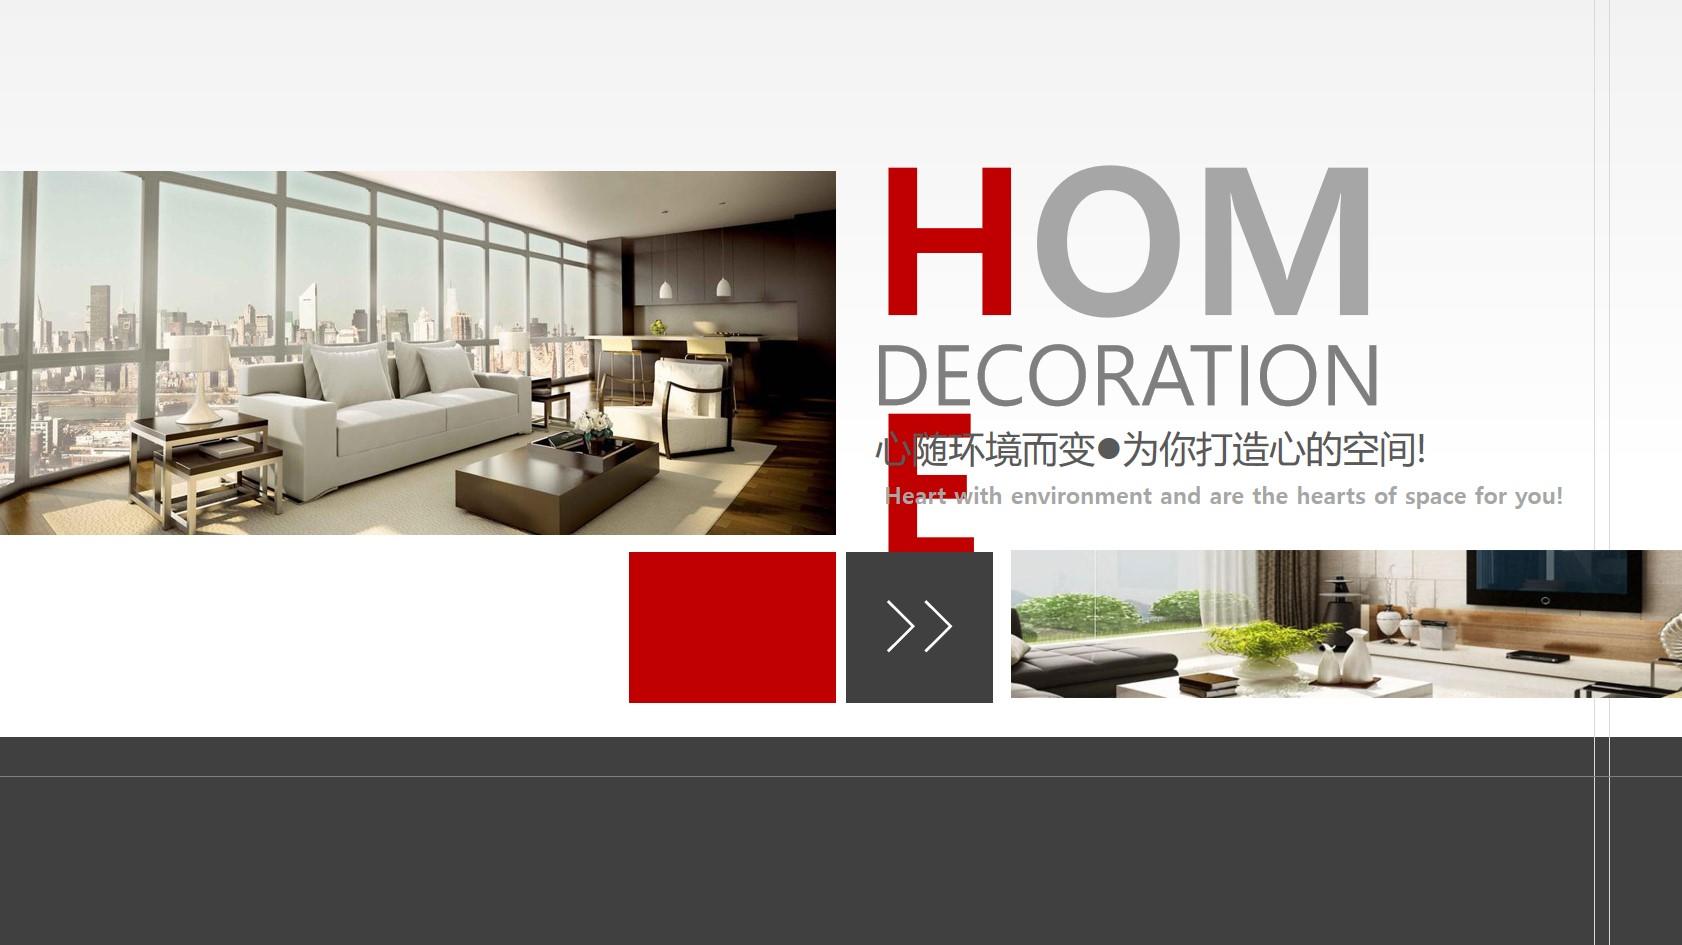 红灰装修效果图背景的装饰公司介绍PPT